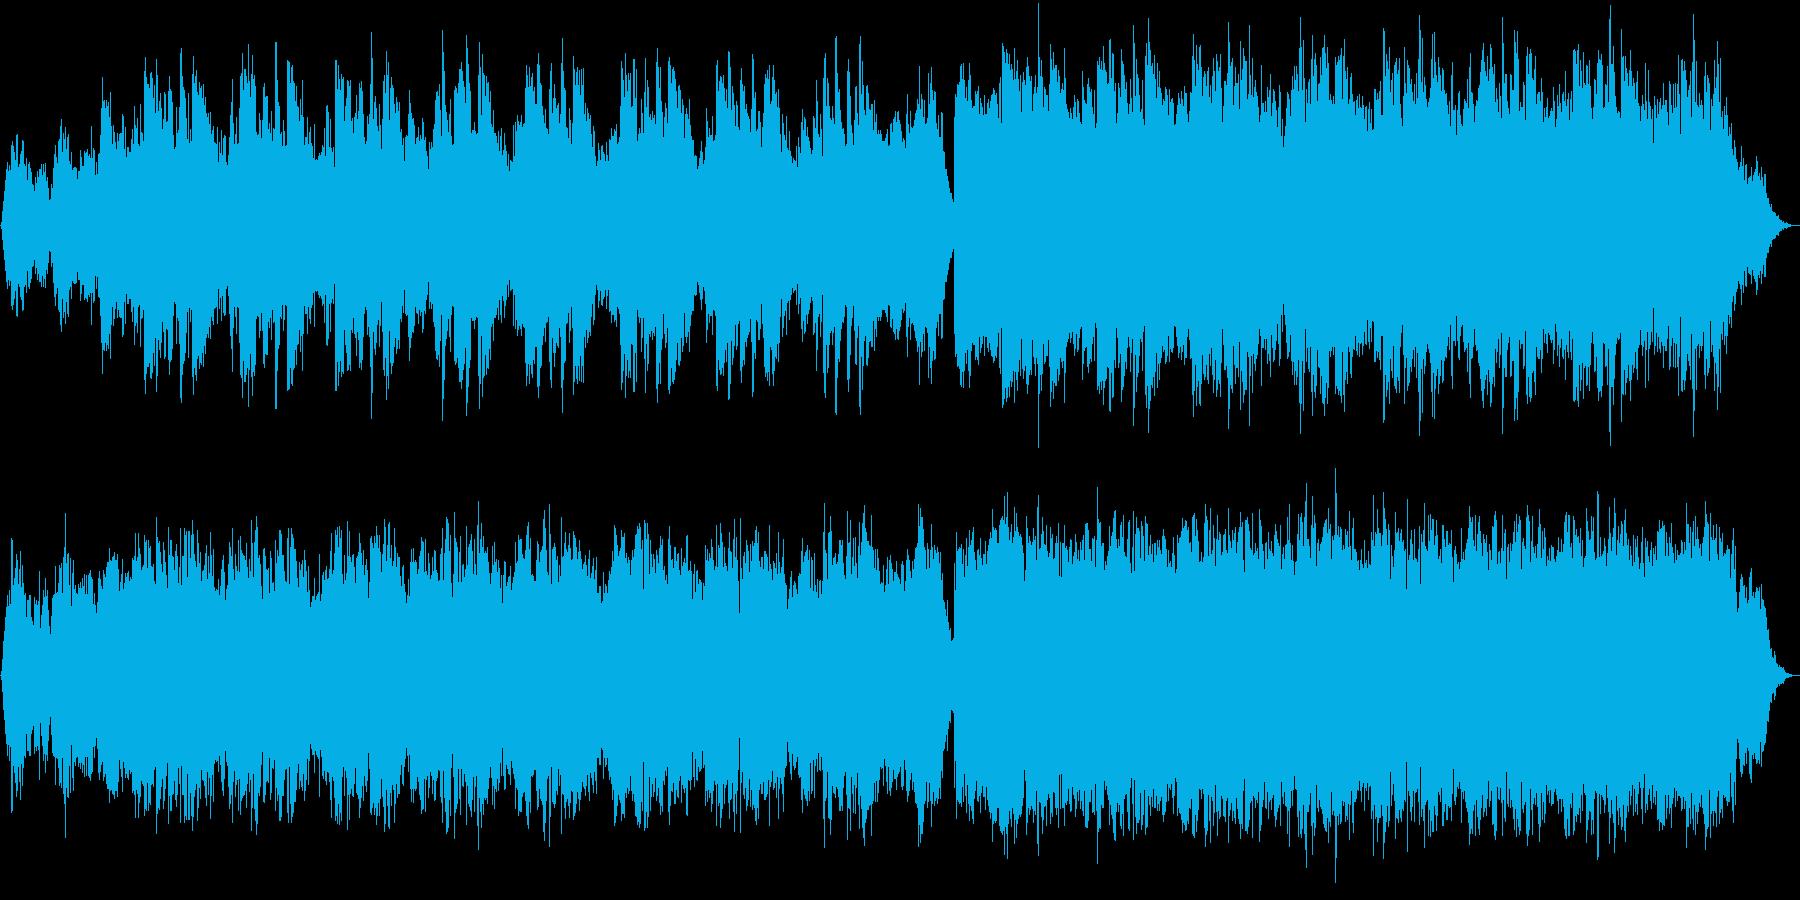 美しく神秘的・幻想的なアンビエントBGMの再生済みの波形